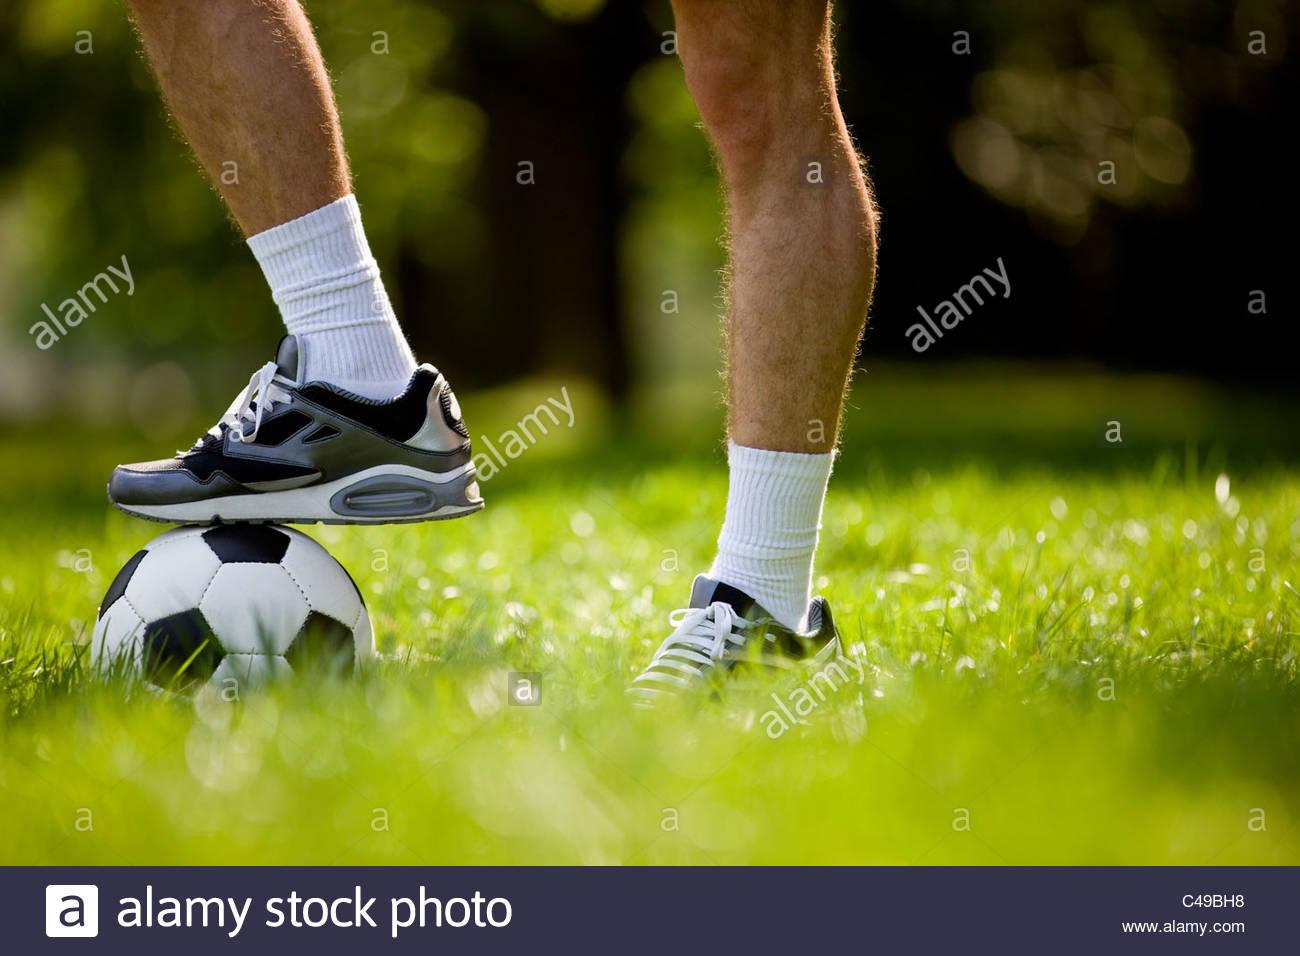 Un giovane uomo con il suo piede su un campo di calcio, close-up Immagini Stock